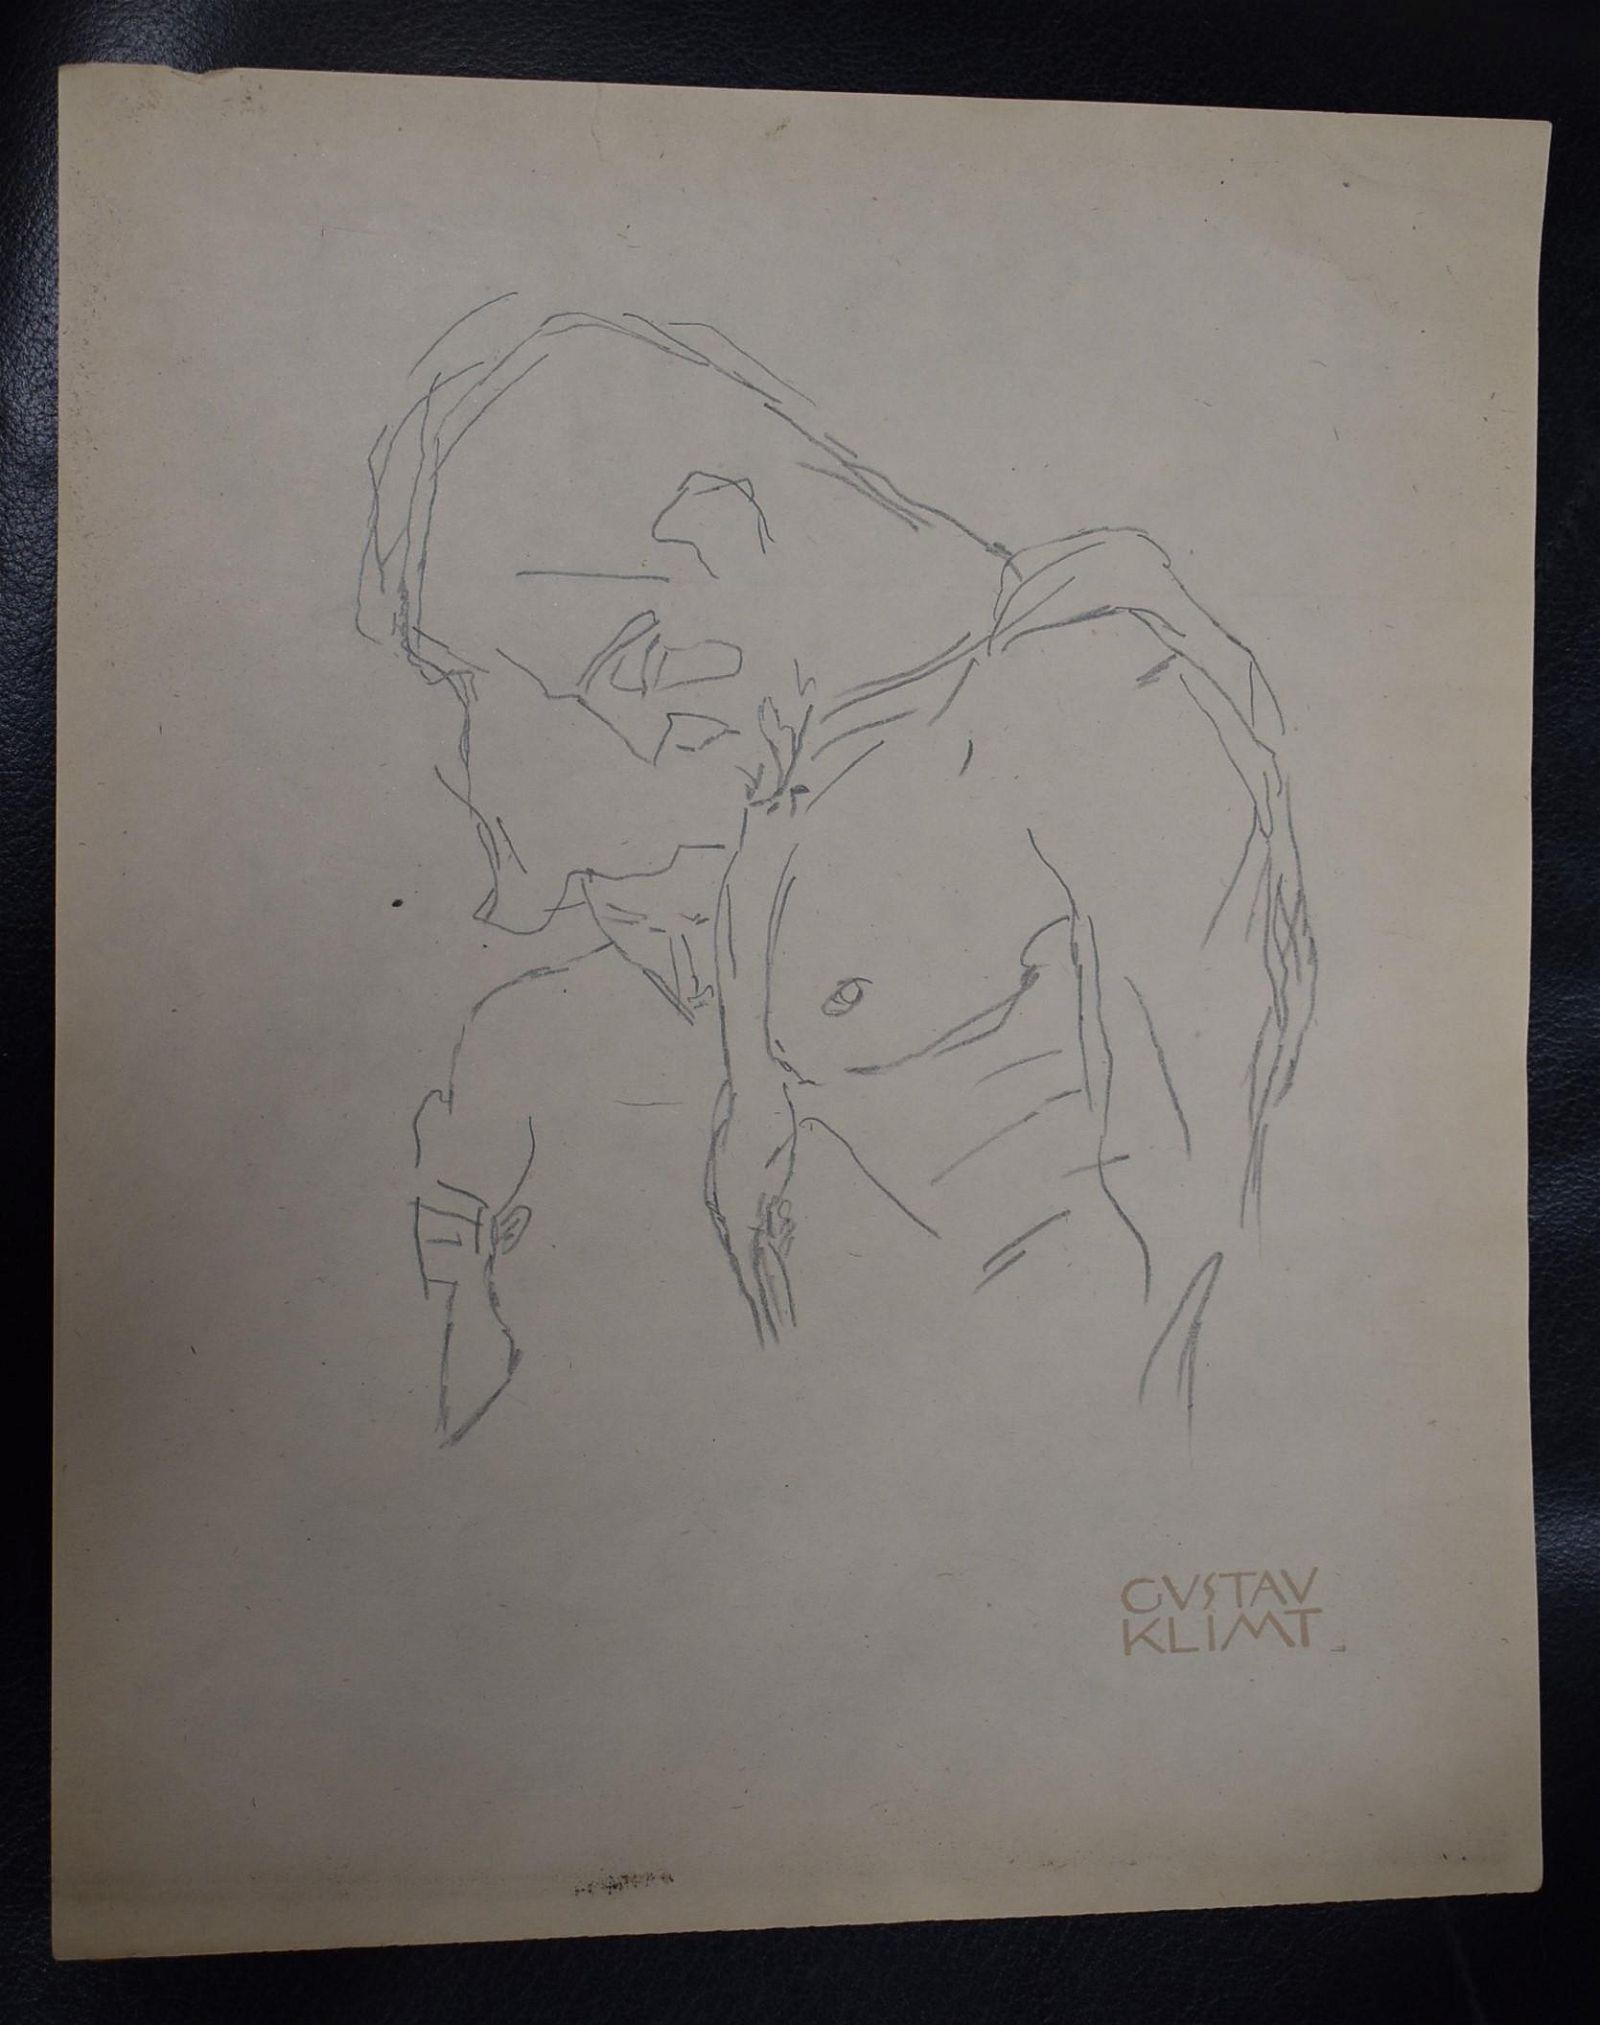 Gustav Klimt Blind Contour Drawing